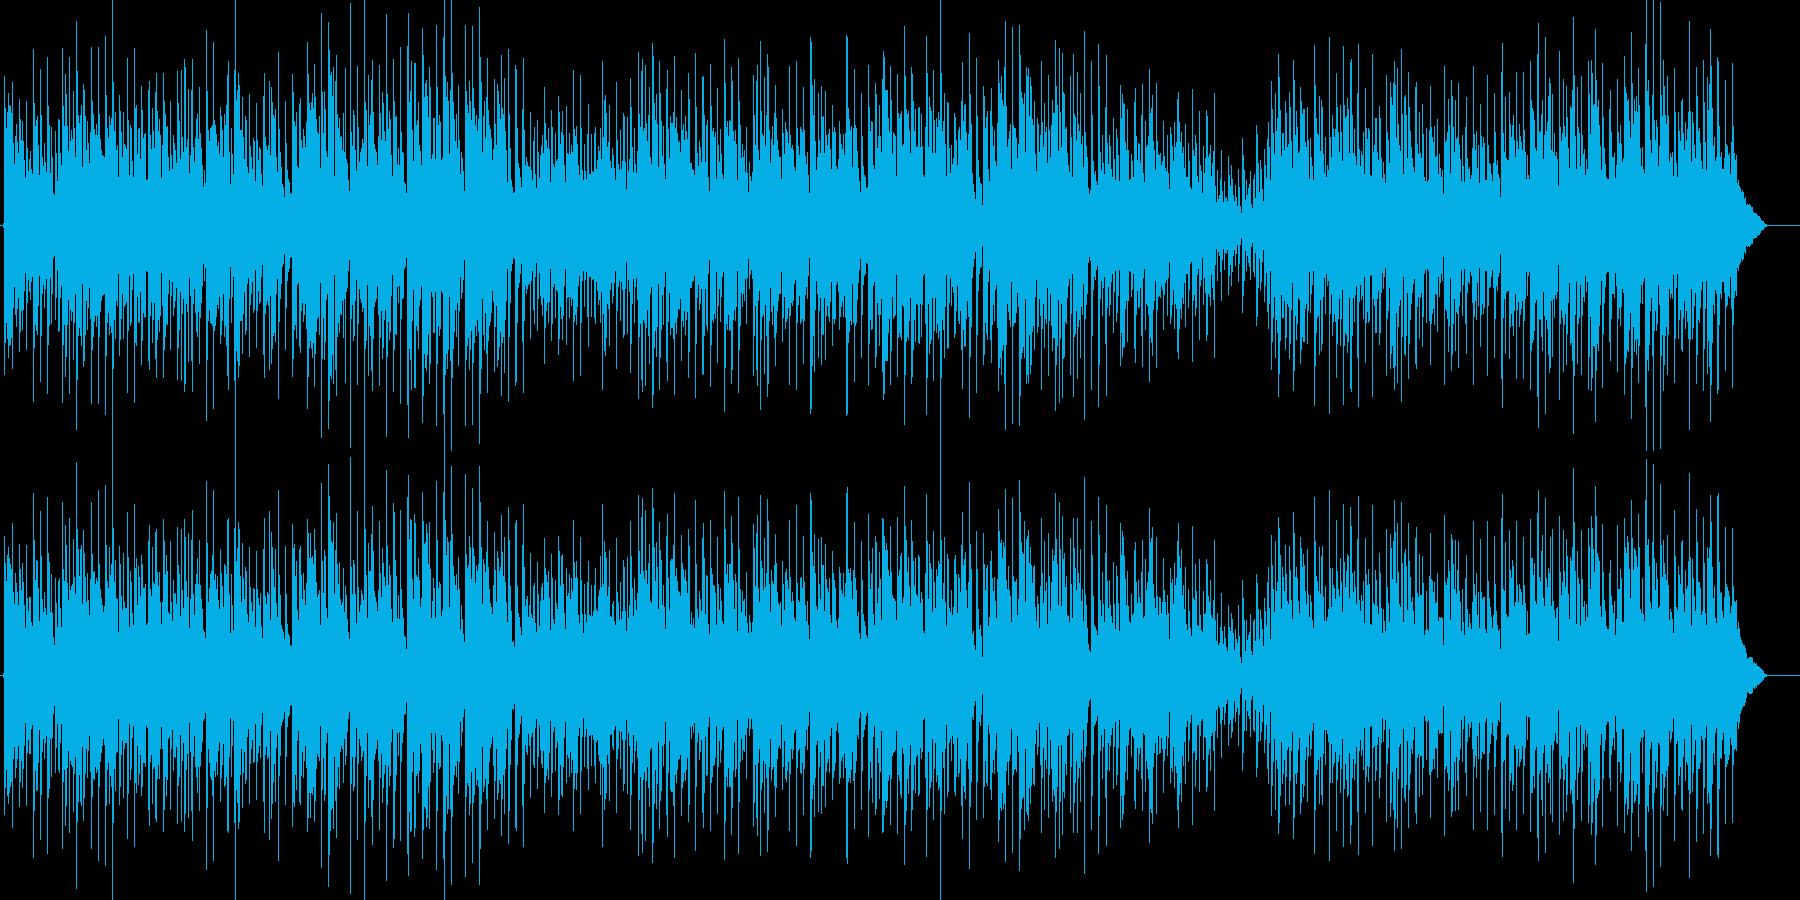 草競馬 かわいいカントリー アコギの再生済みの波形